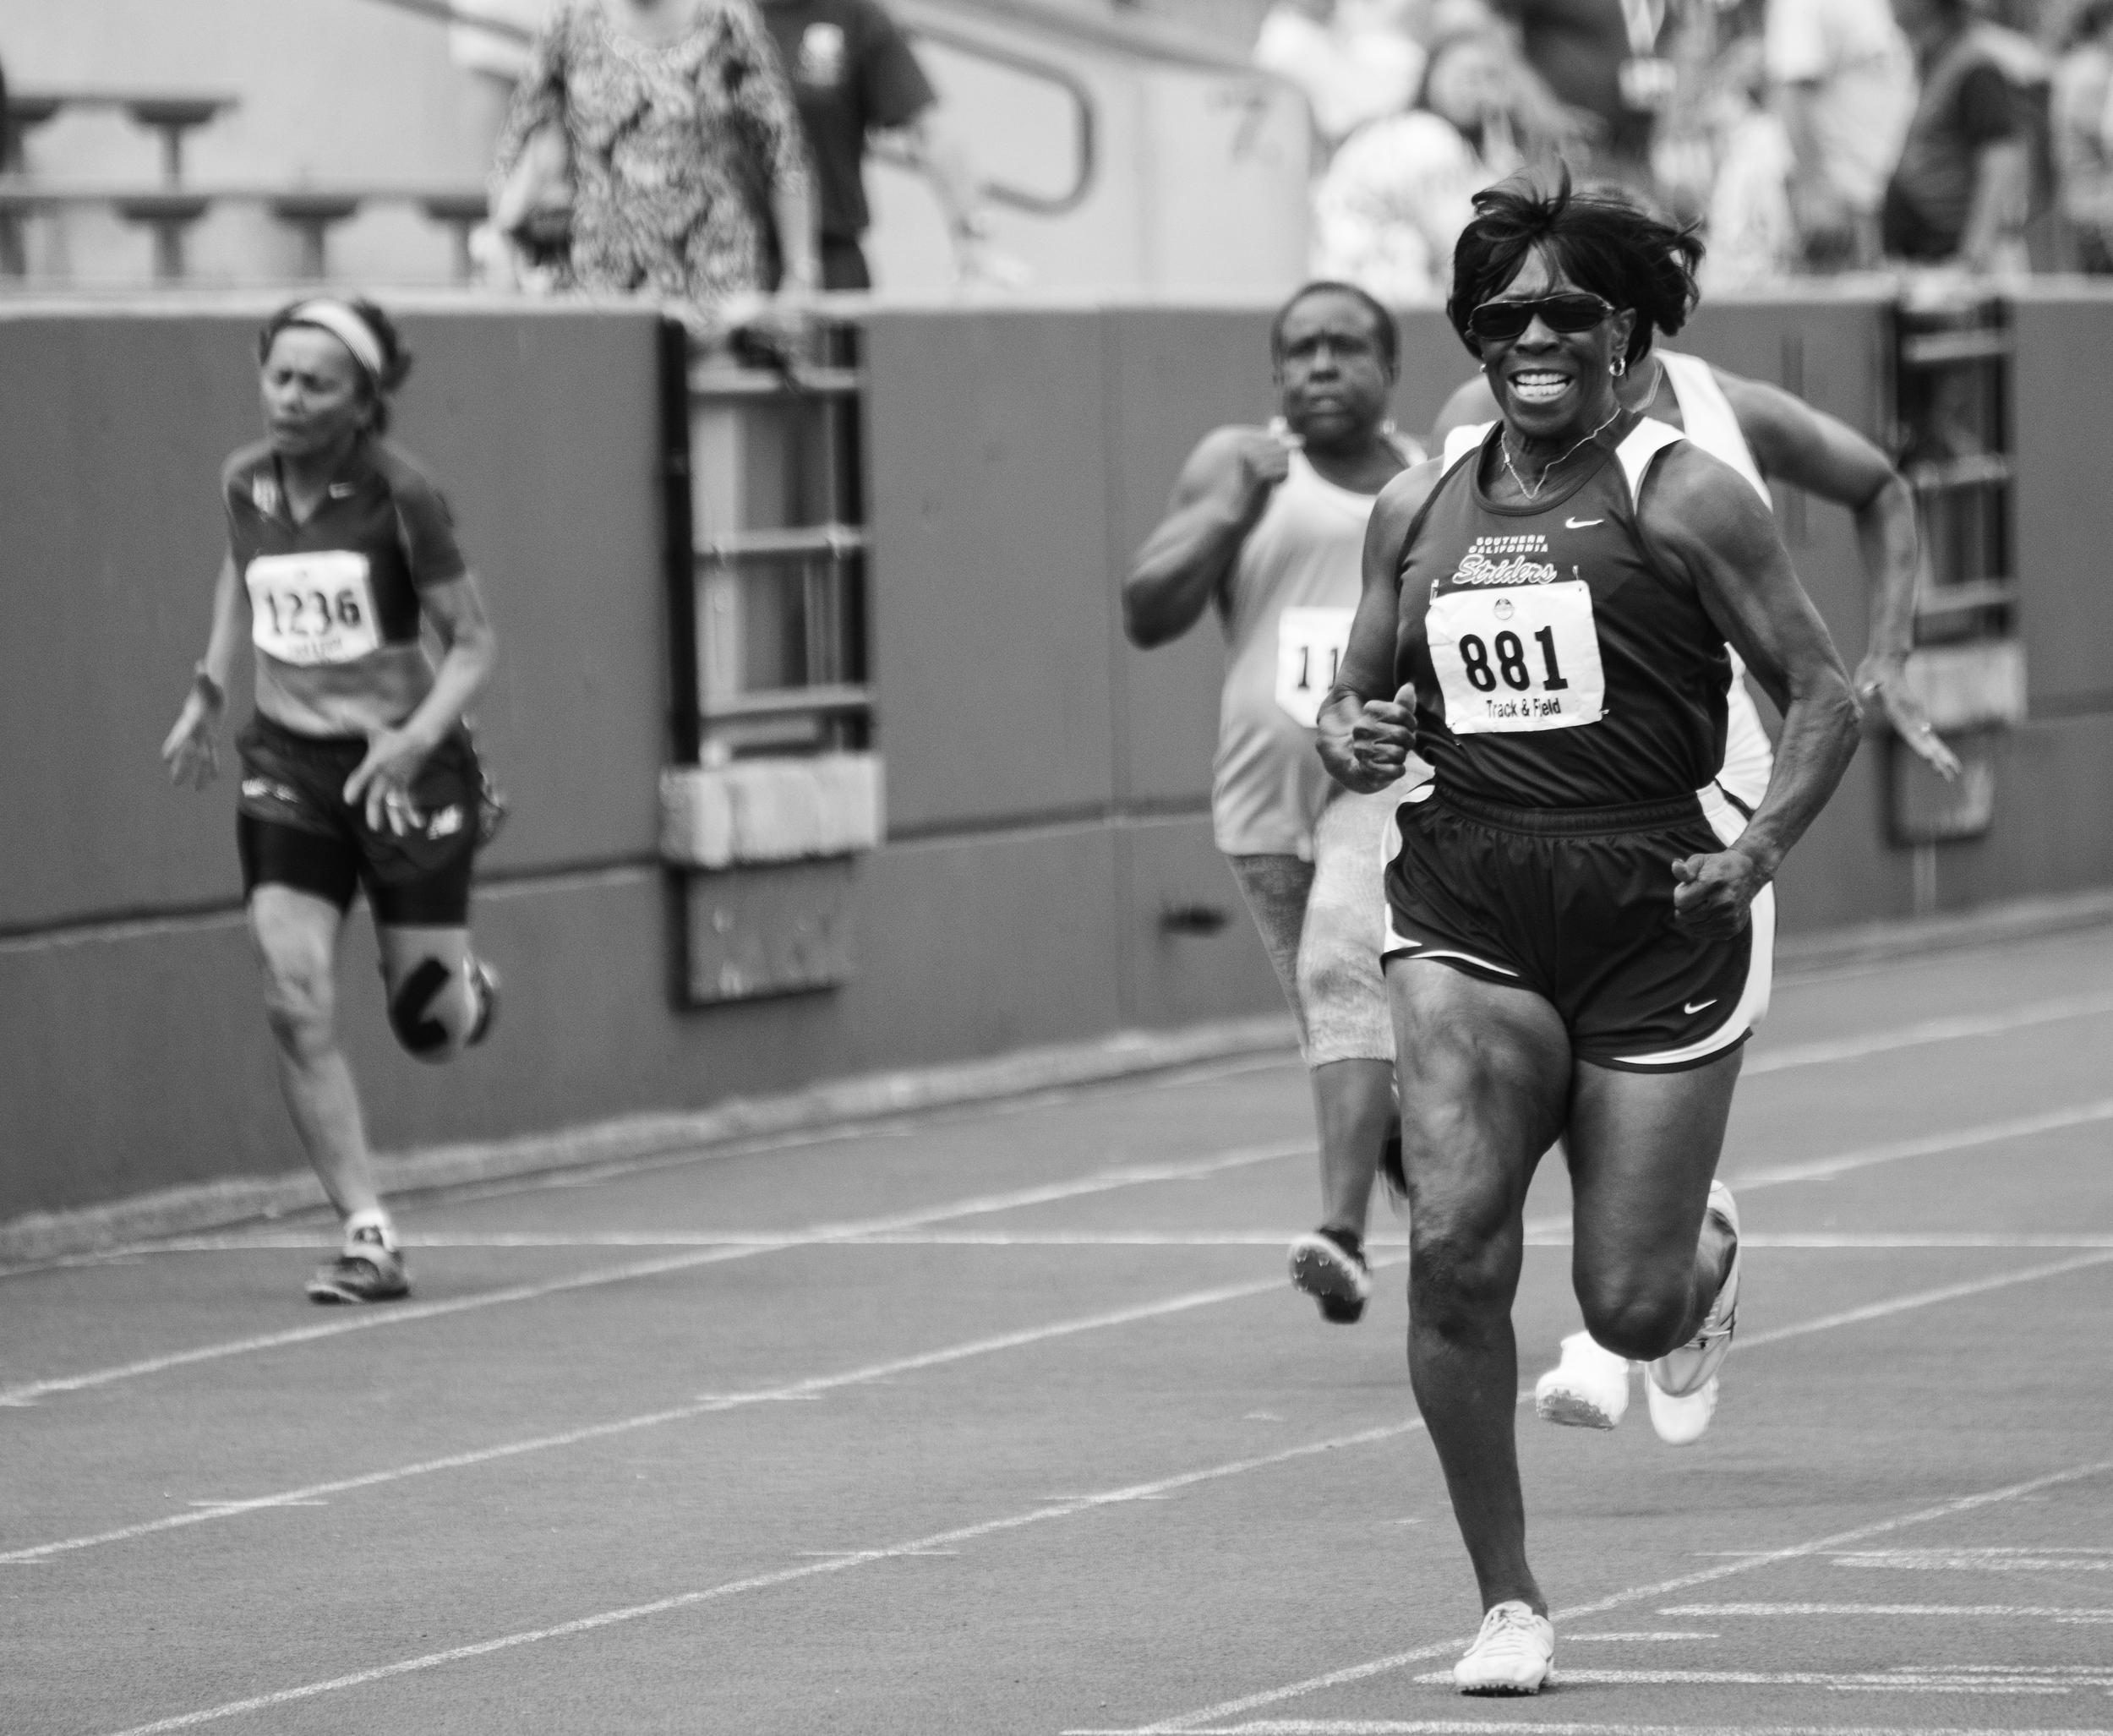 Brenda Matthews, 66, 100 meters.jpg